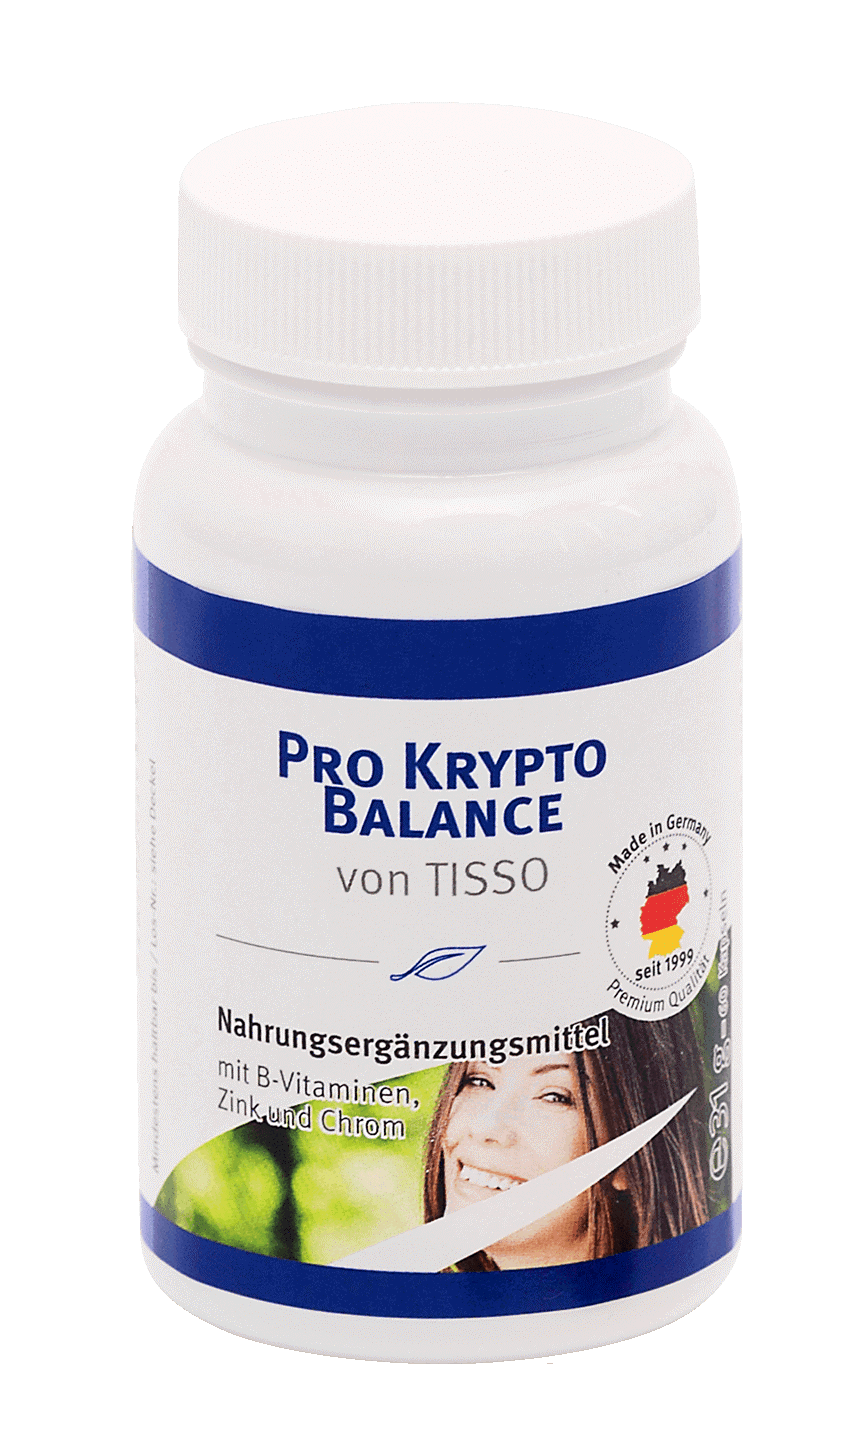 Pro Krypto Balance přírodní doplněk stravy